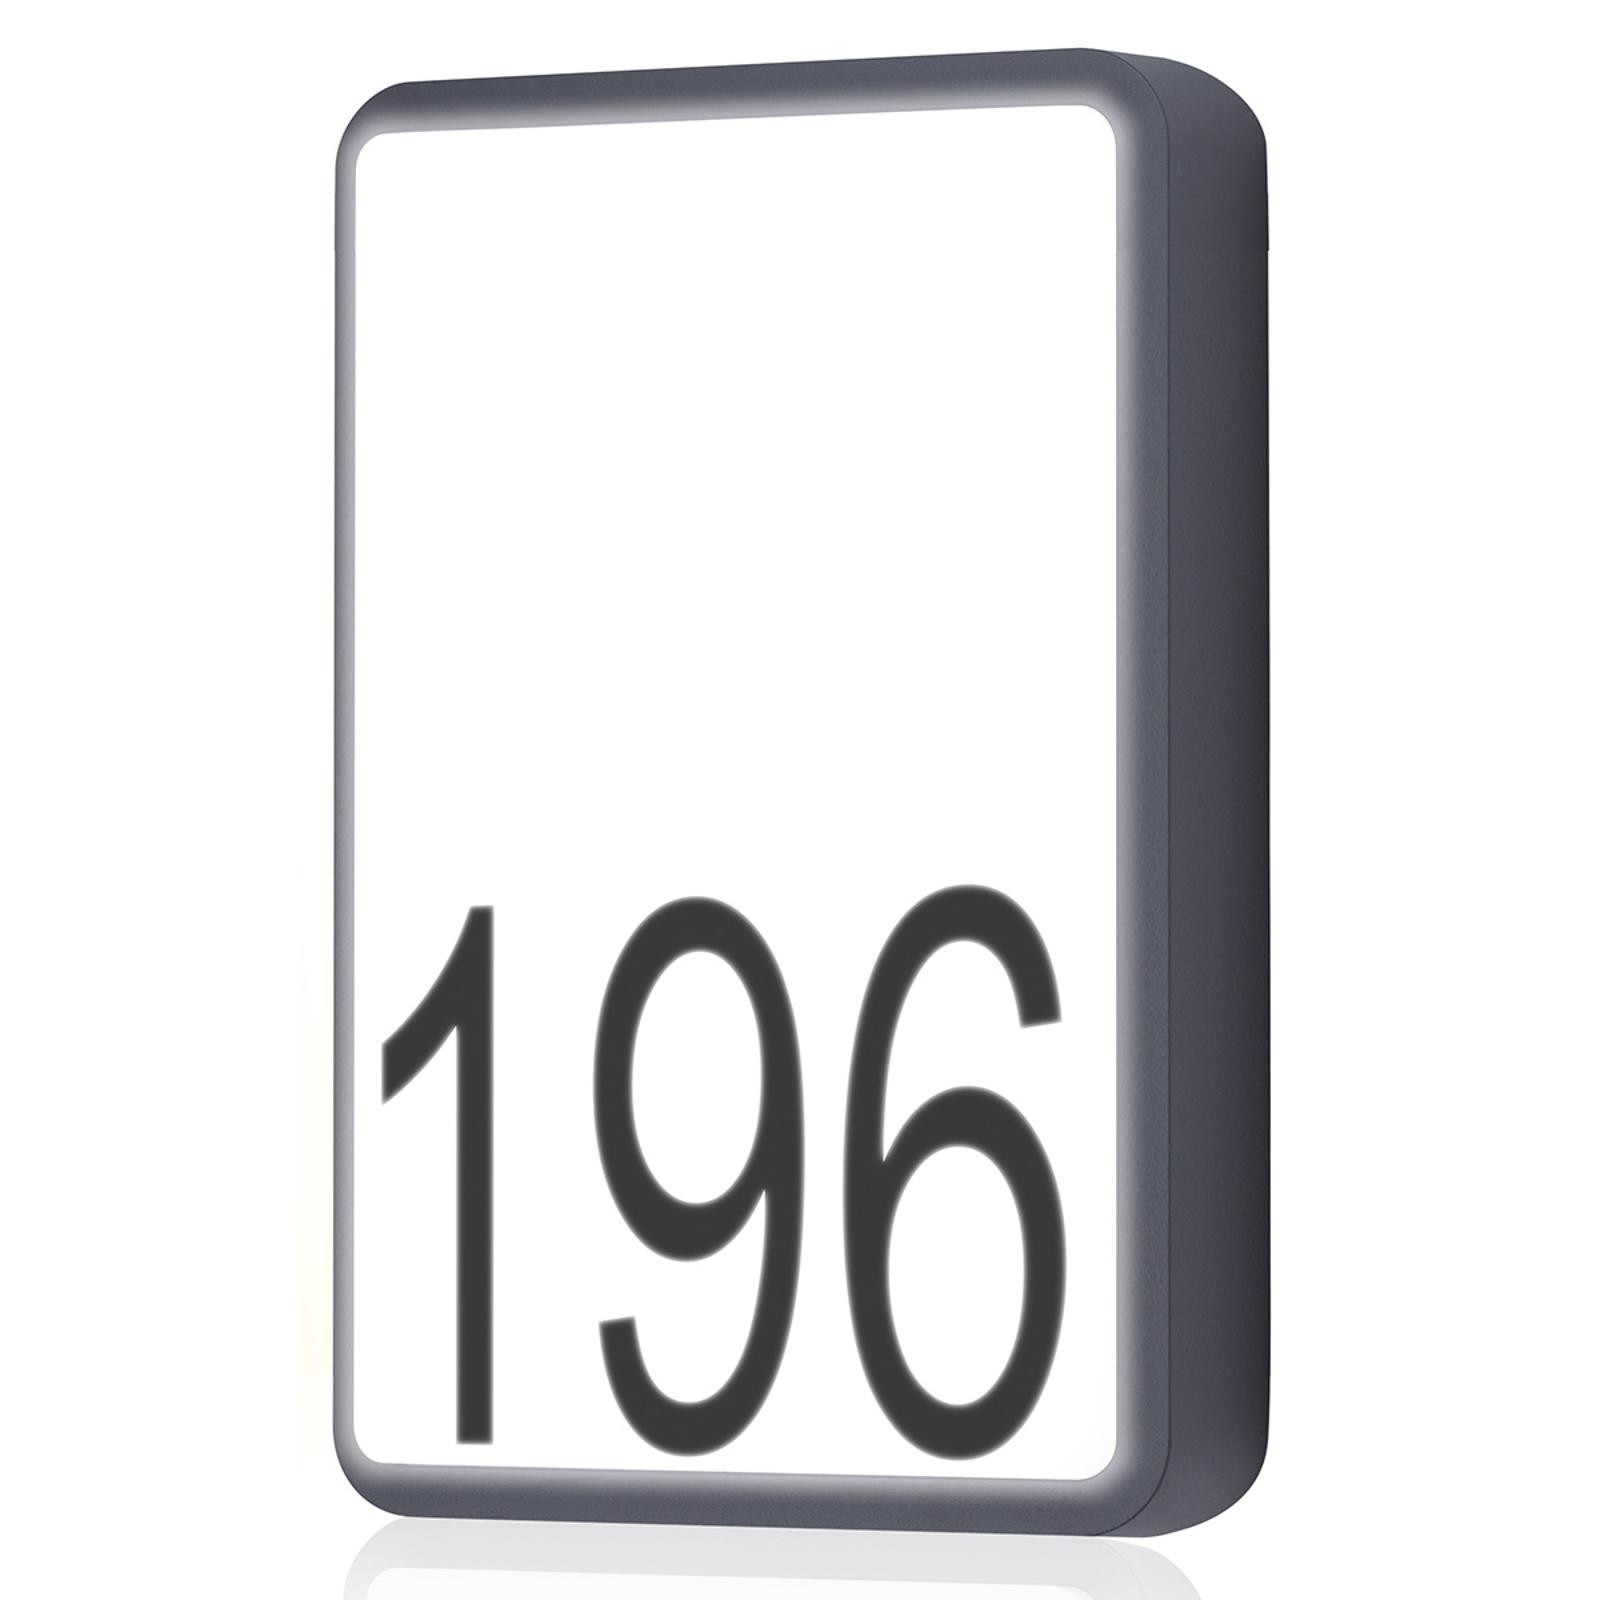 Numéro de maison LED Bjorn